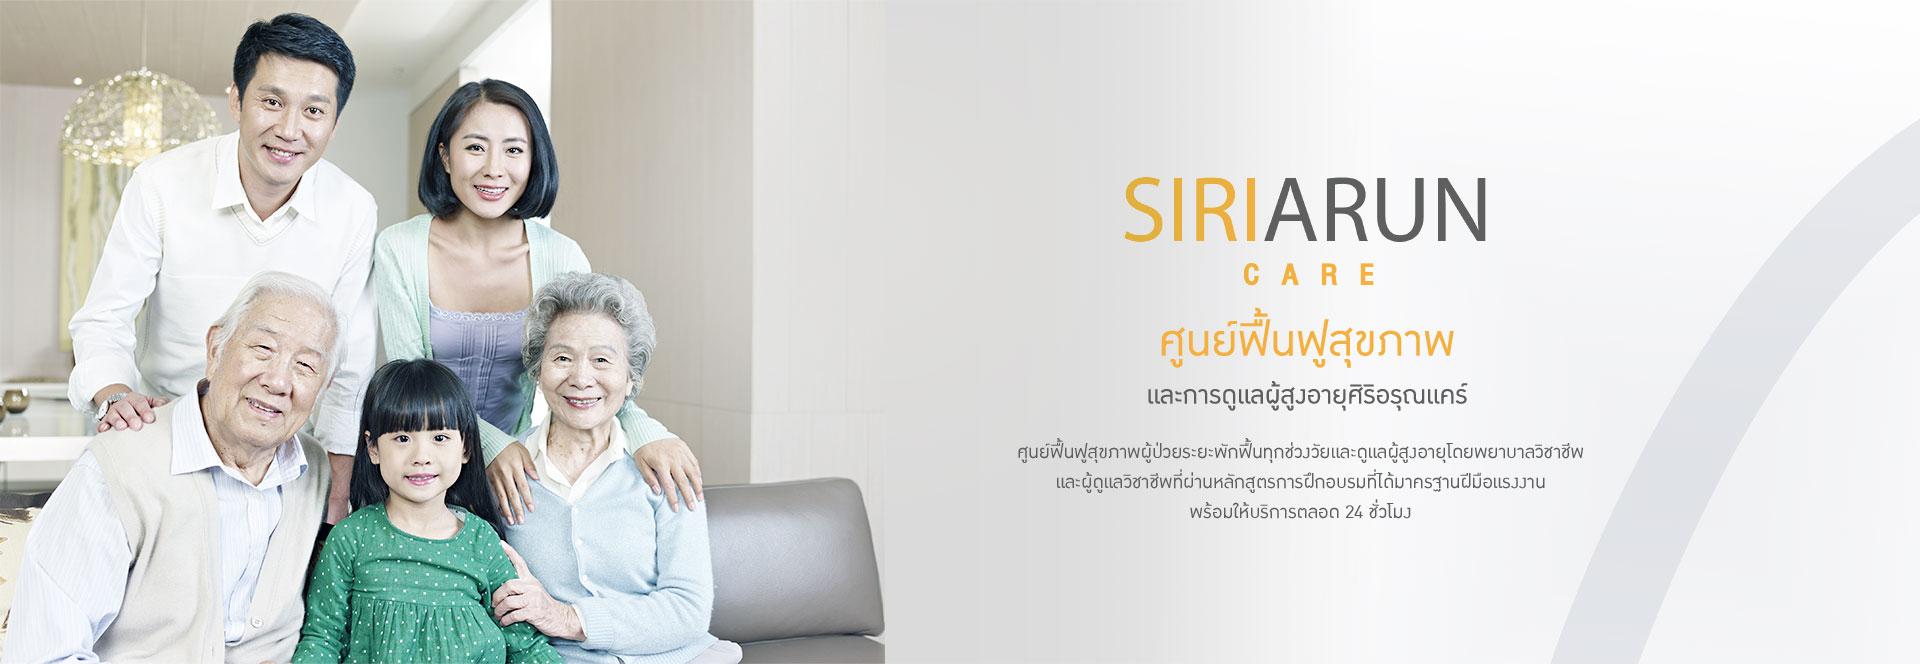 ทำไมคุณถึงต้องเลือก SIRIARUN